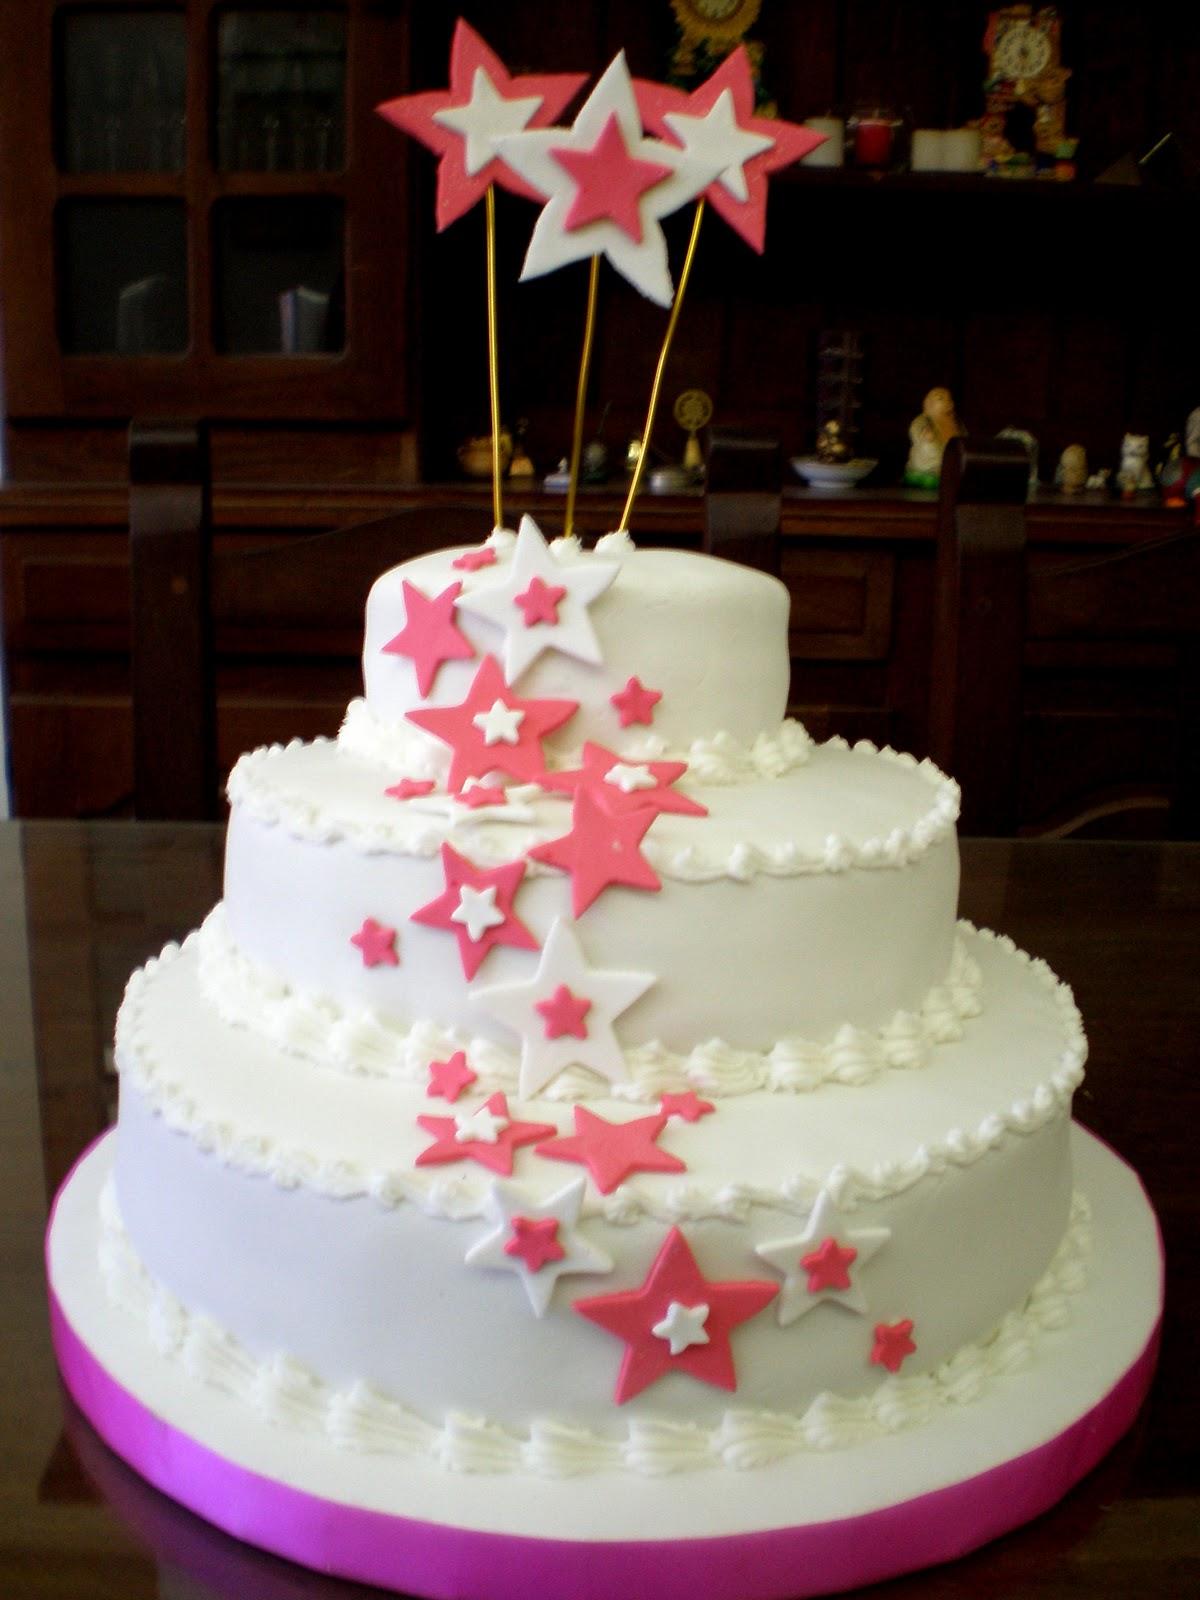 www.Lily-Tortasartesanales.blogspot.com: Estrellas por todos lados